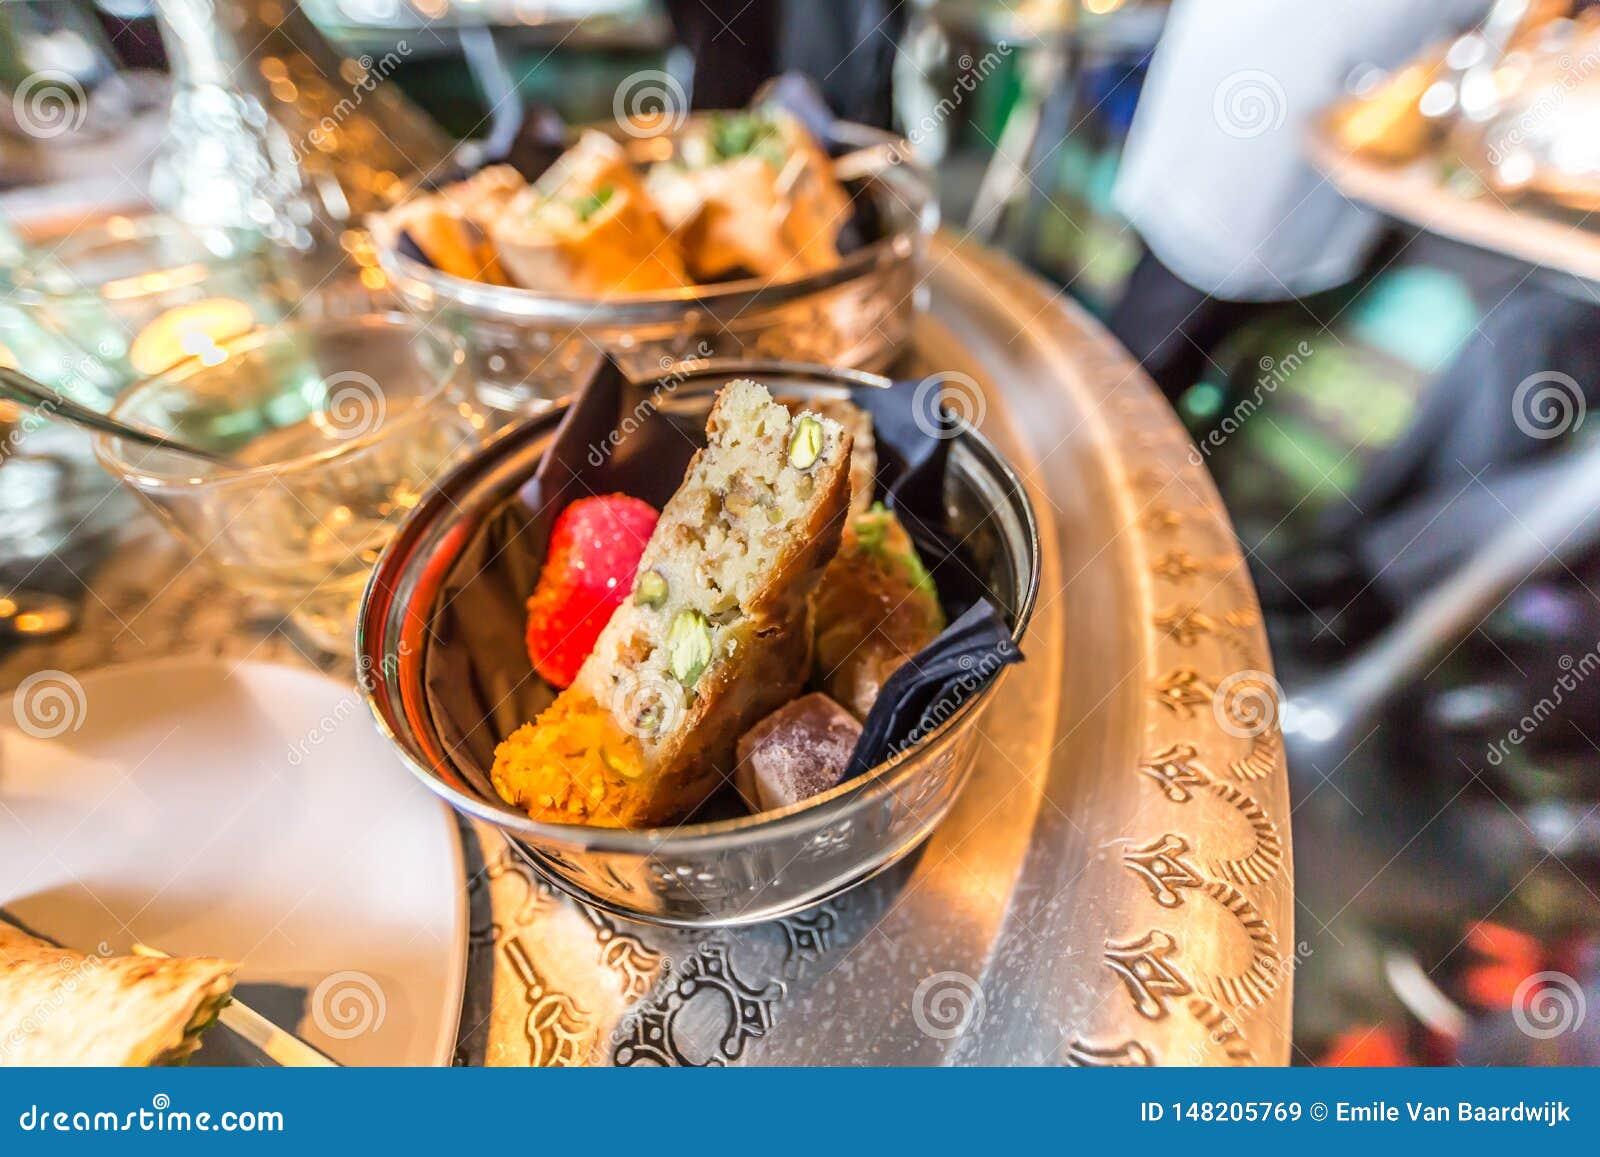 Dulces marroquíes deliciosos en un bol de vidrio en una bandeja de cobre